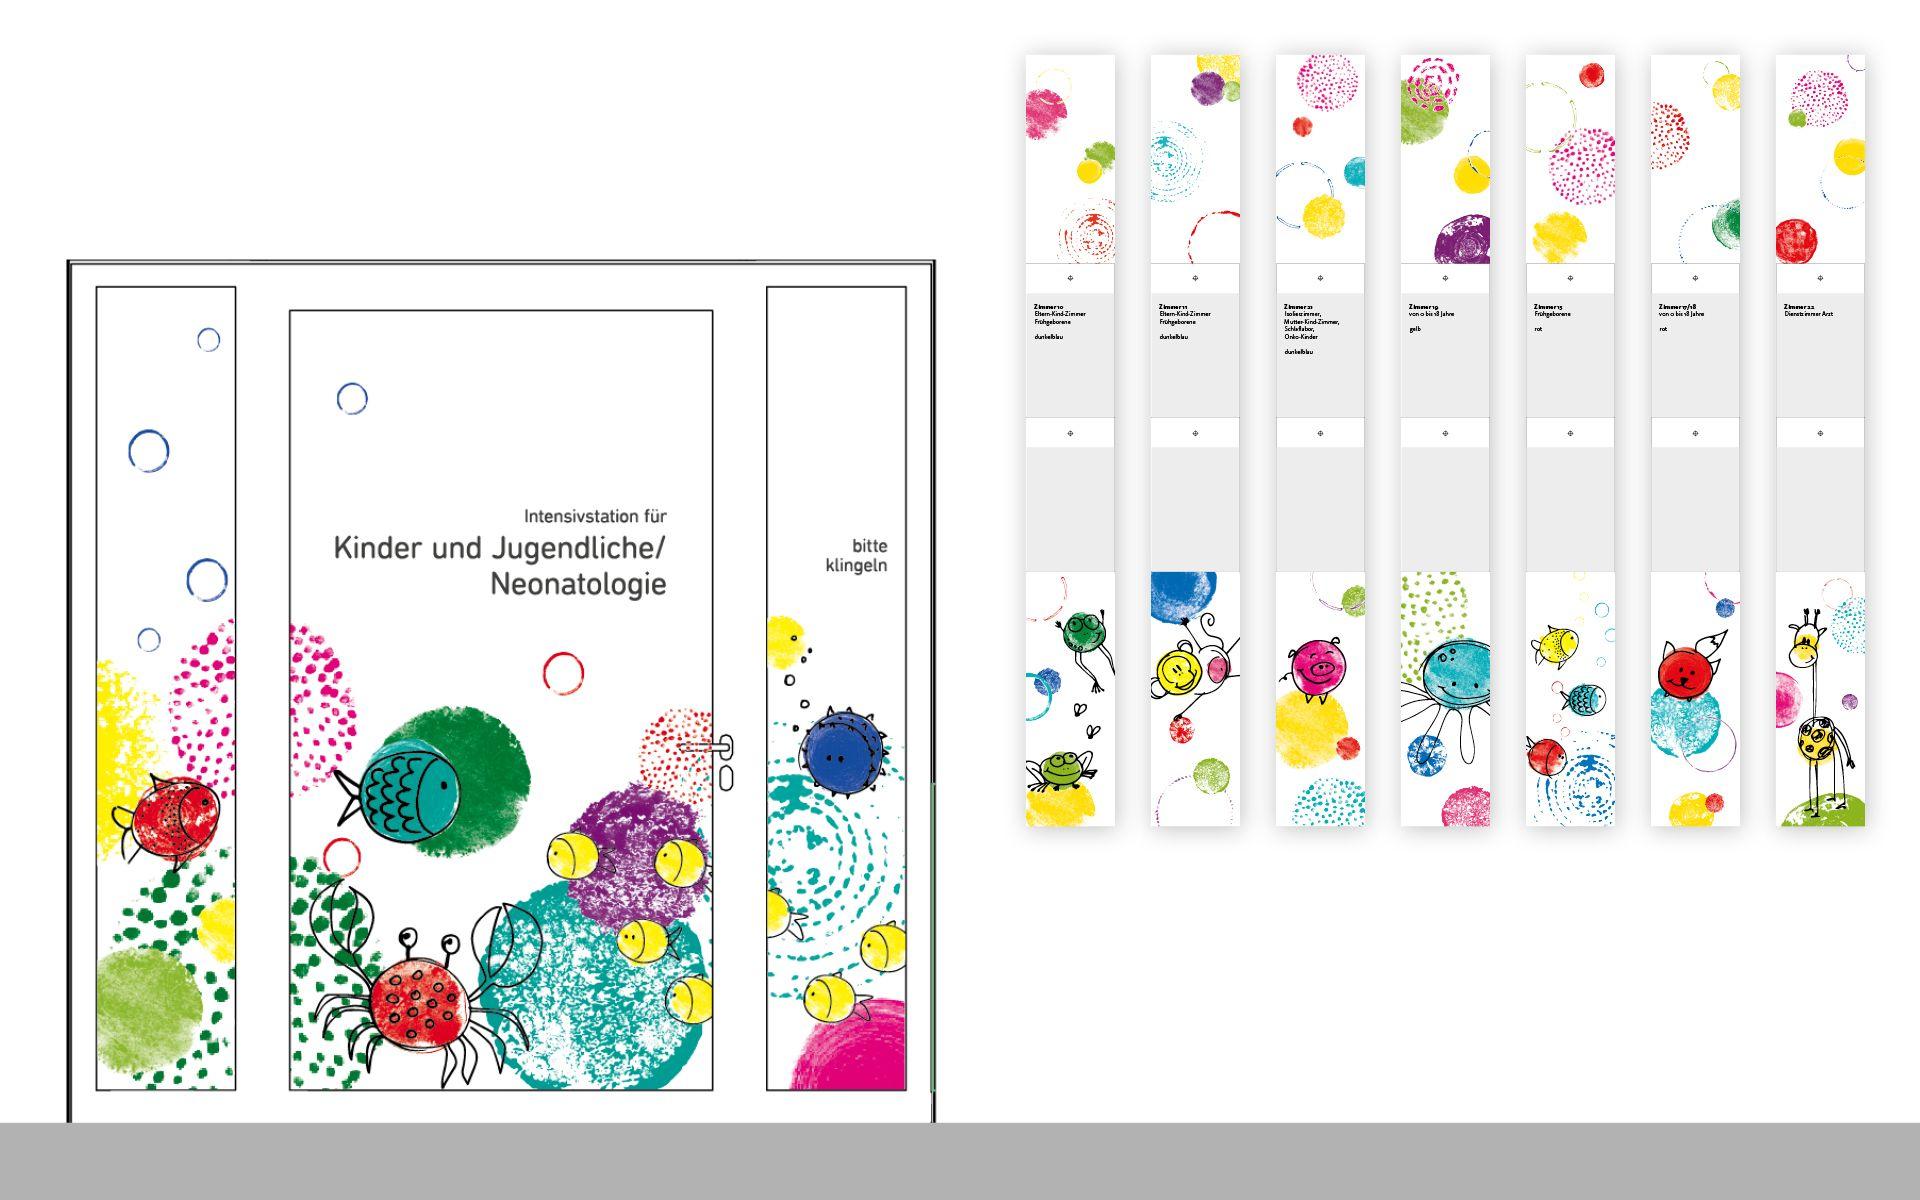 Perfekt Wand  Und Deckengestaltung Intensivstation Für Kinder Und Jugendliche /  Neonatologie, LKH Leoben